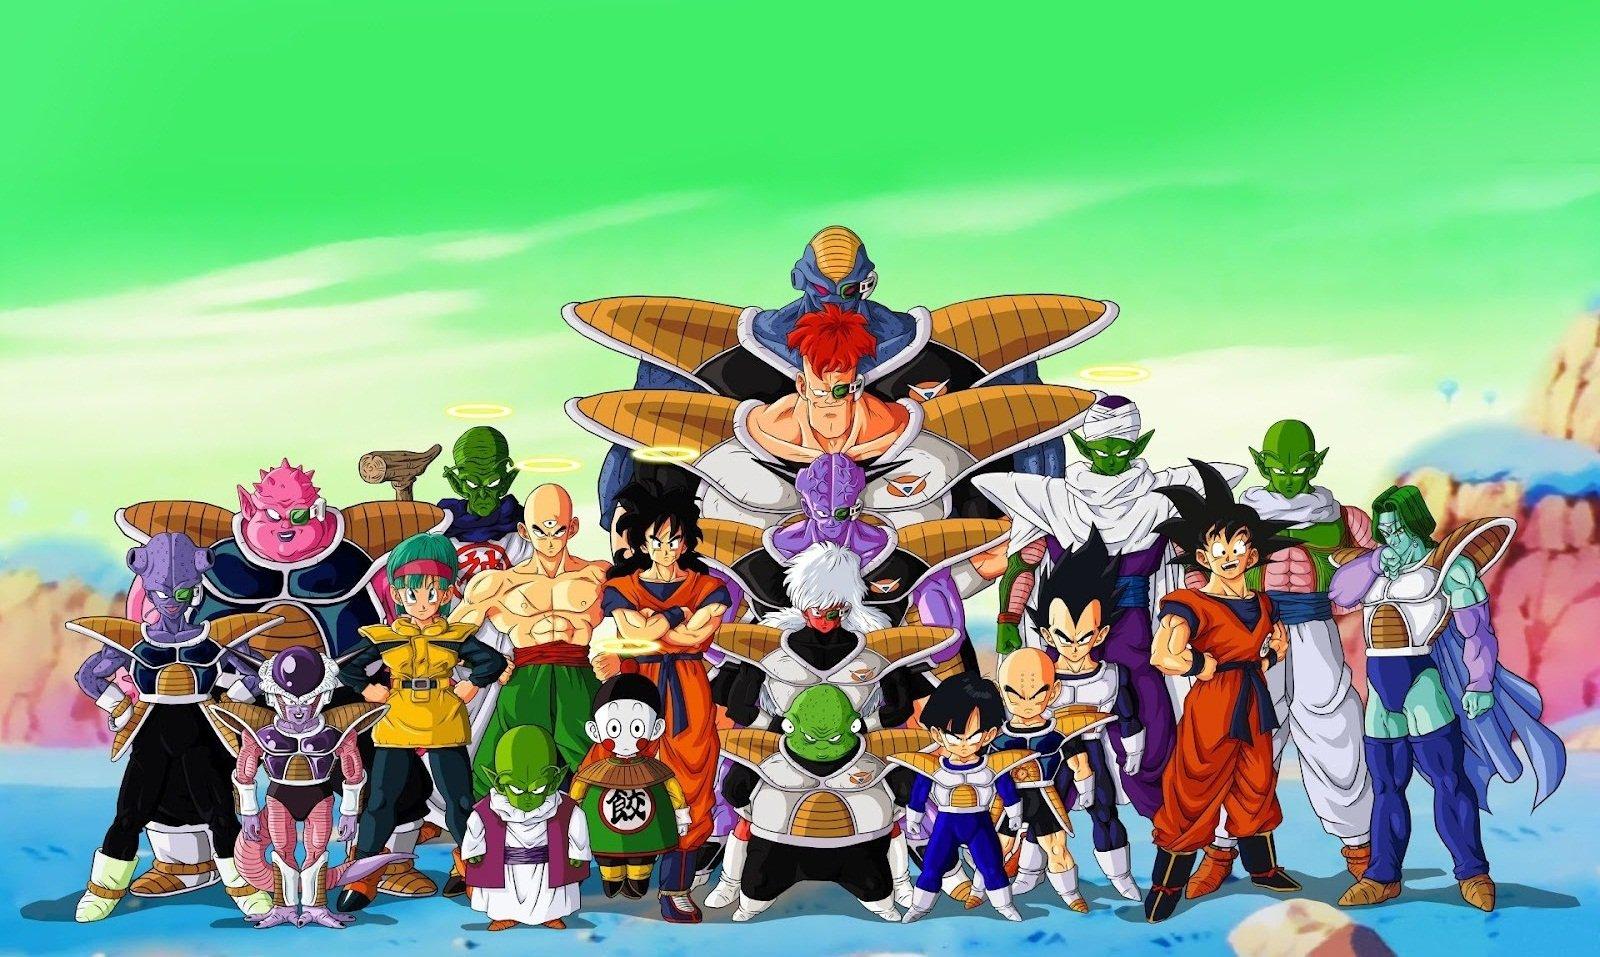 10 personagens de dragon ball z que foram extremamente mal aproveitados na saga - Image de dragon ball z ...